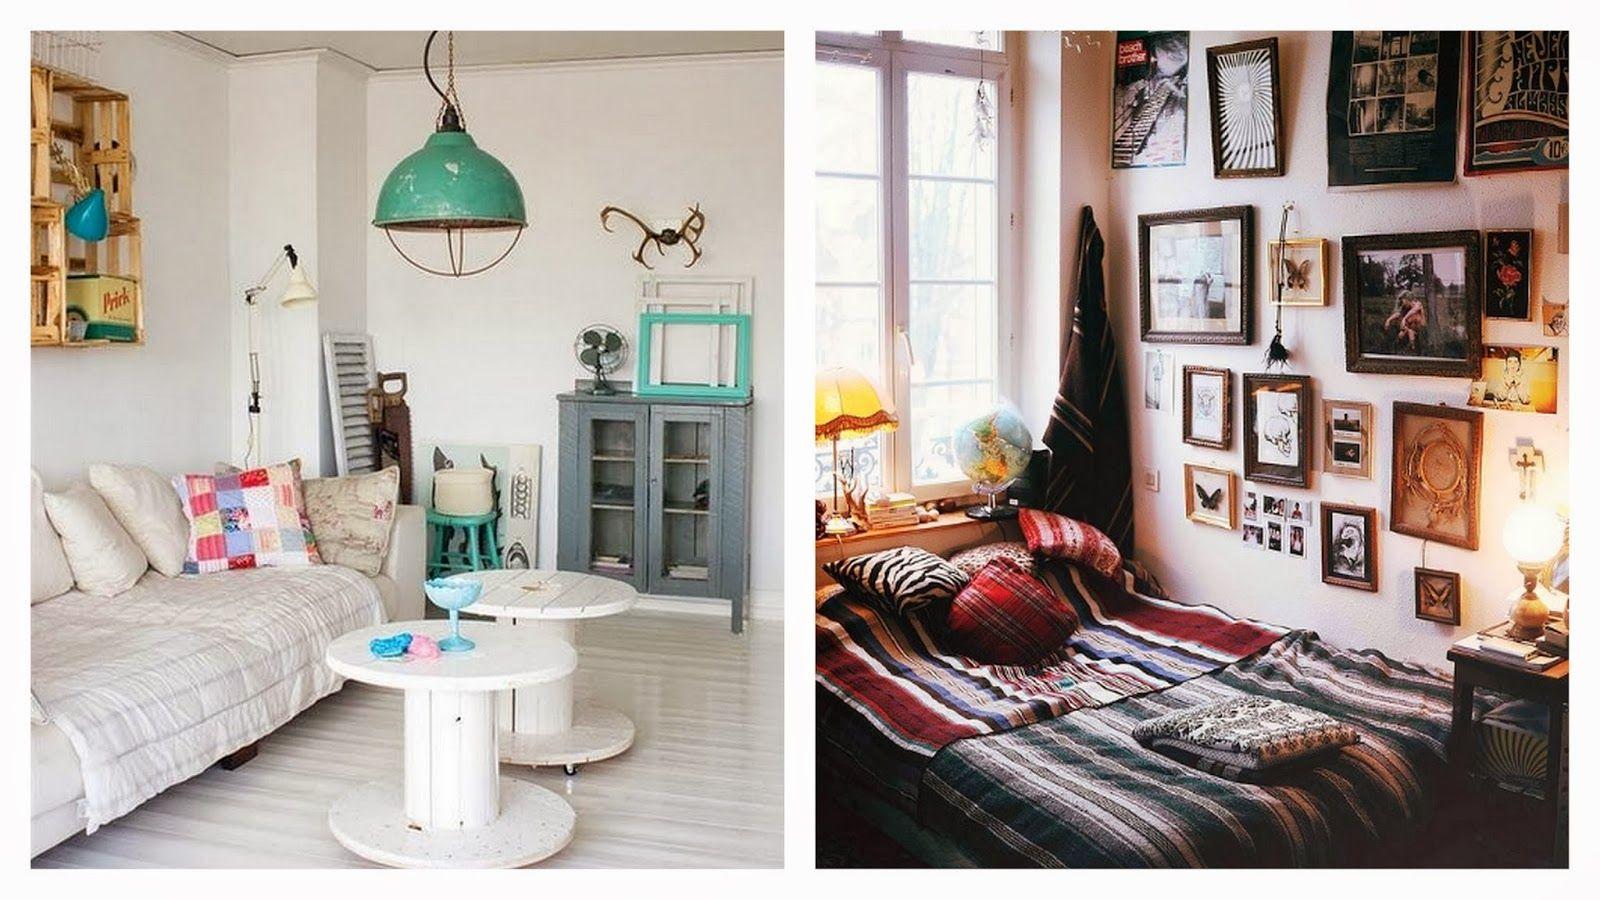 Arredamento Boho Style : Arredamento bohemien chic cerca con google casa ispirazioni